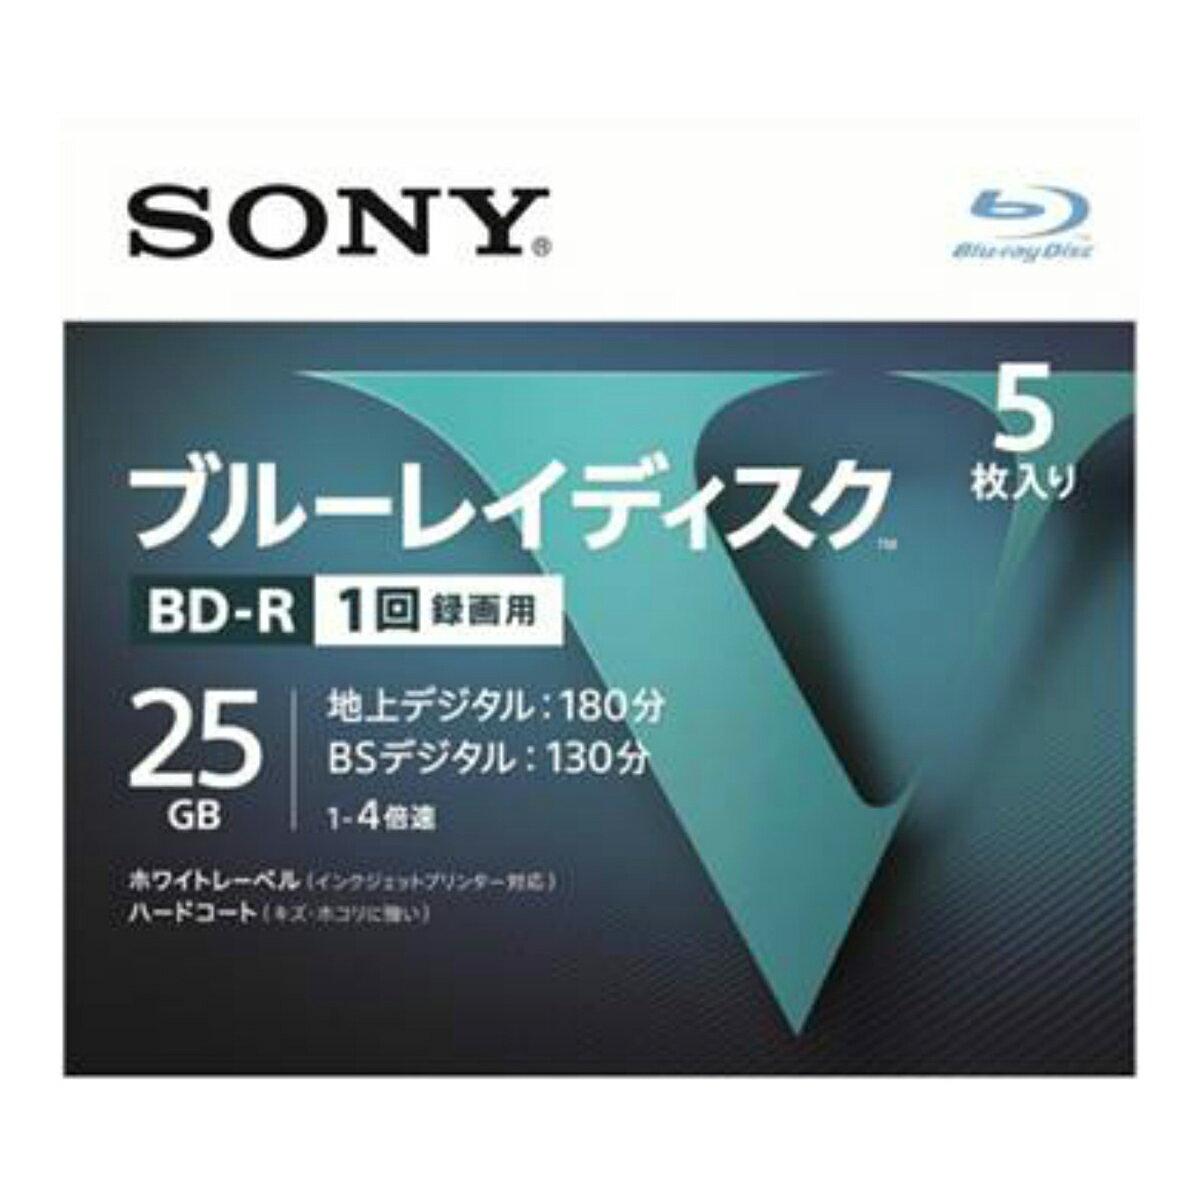 【送料無料・まとめ買い×024】ソニー ブルーレイディスク R4倍速1層 Vシリーズ 5BNR1VLPS4 5枚入 ×024点セット(4548736037229)